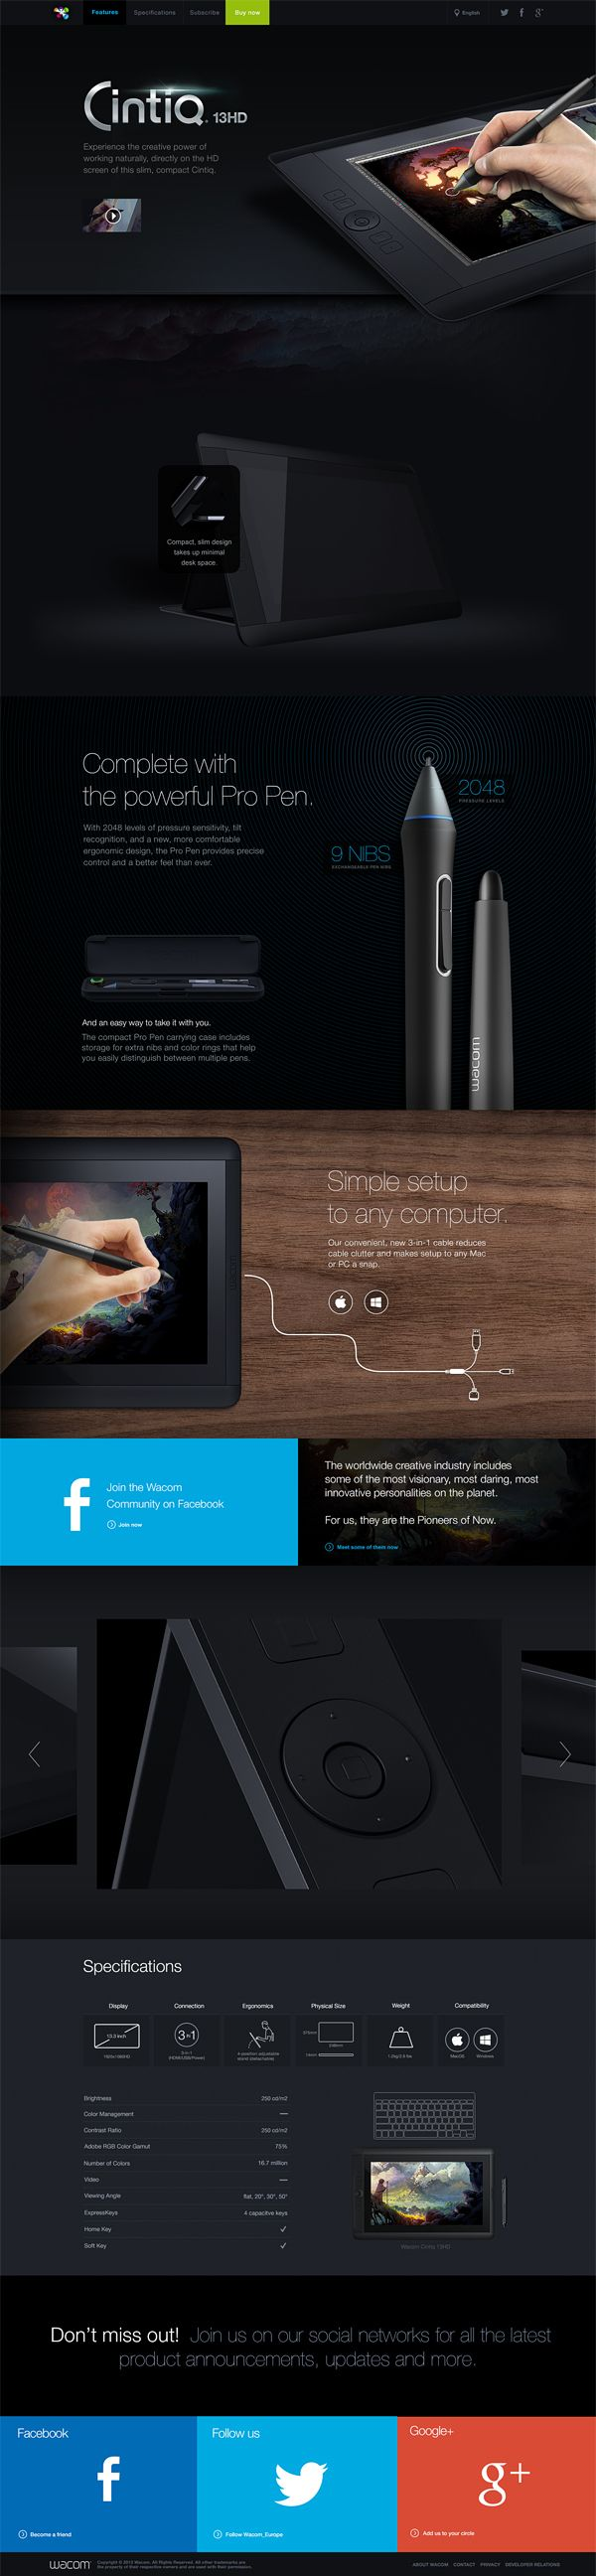 Cintiq13HD Campaign Page by Tobias van Schneider, via Behance